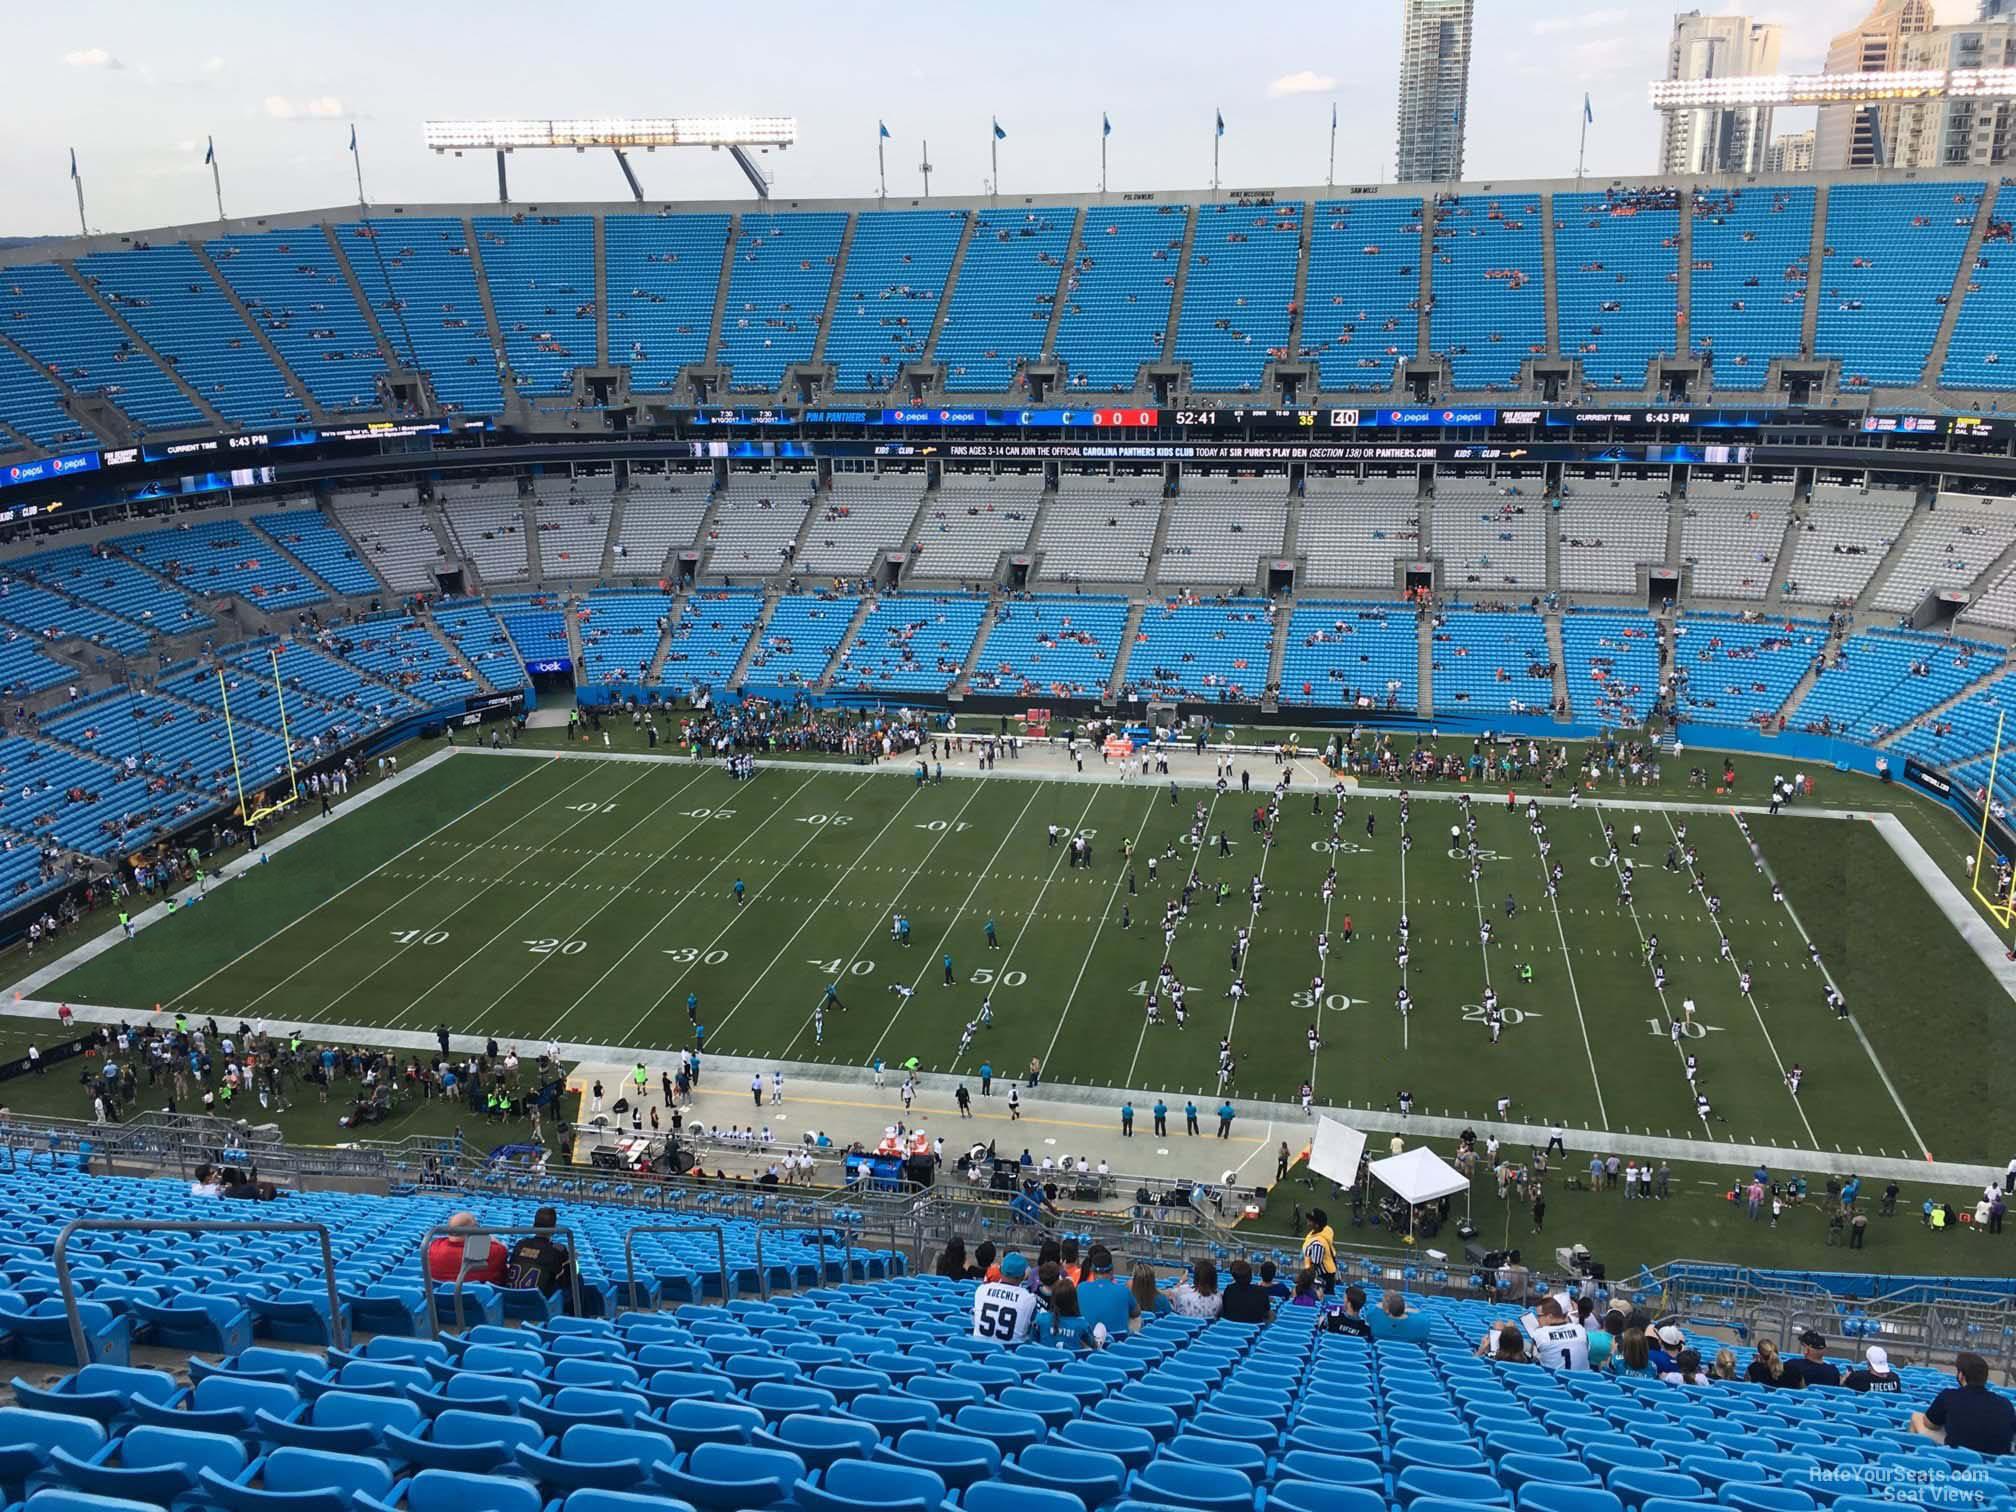 Bank Of America Stadium Section 540 Rateyourseatscom